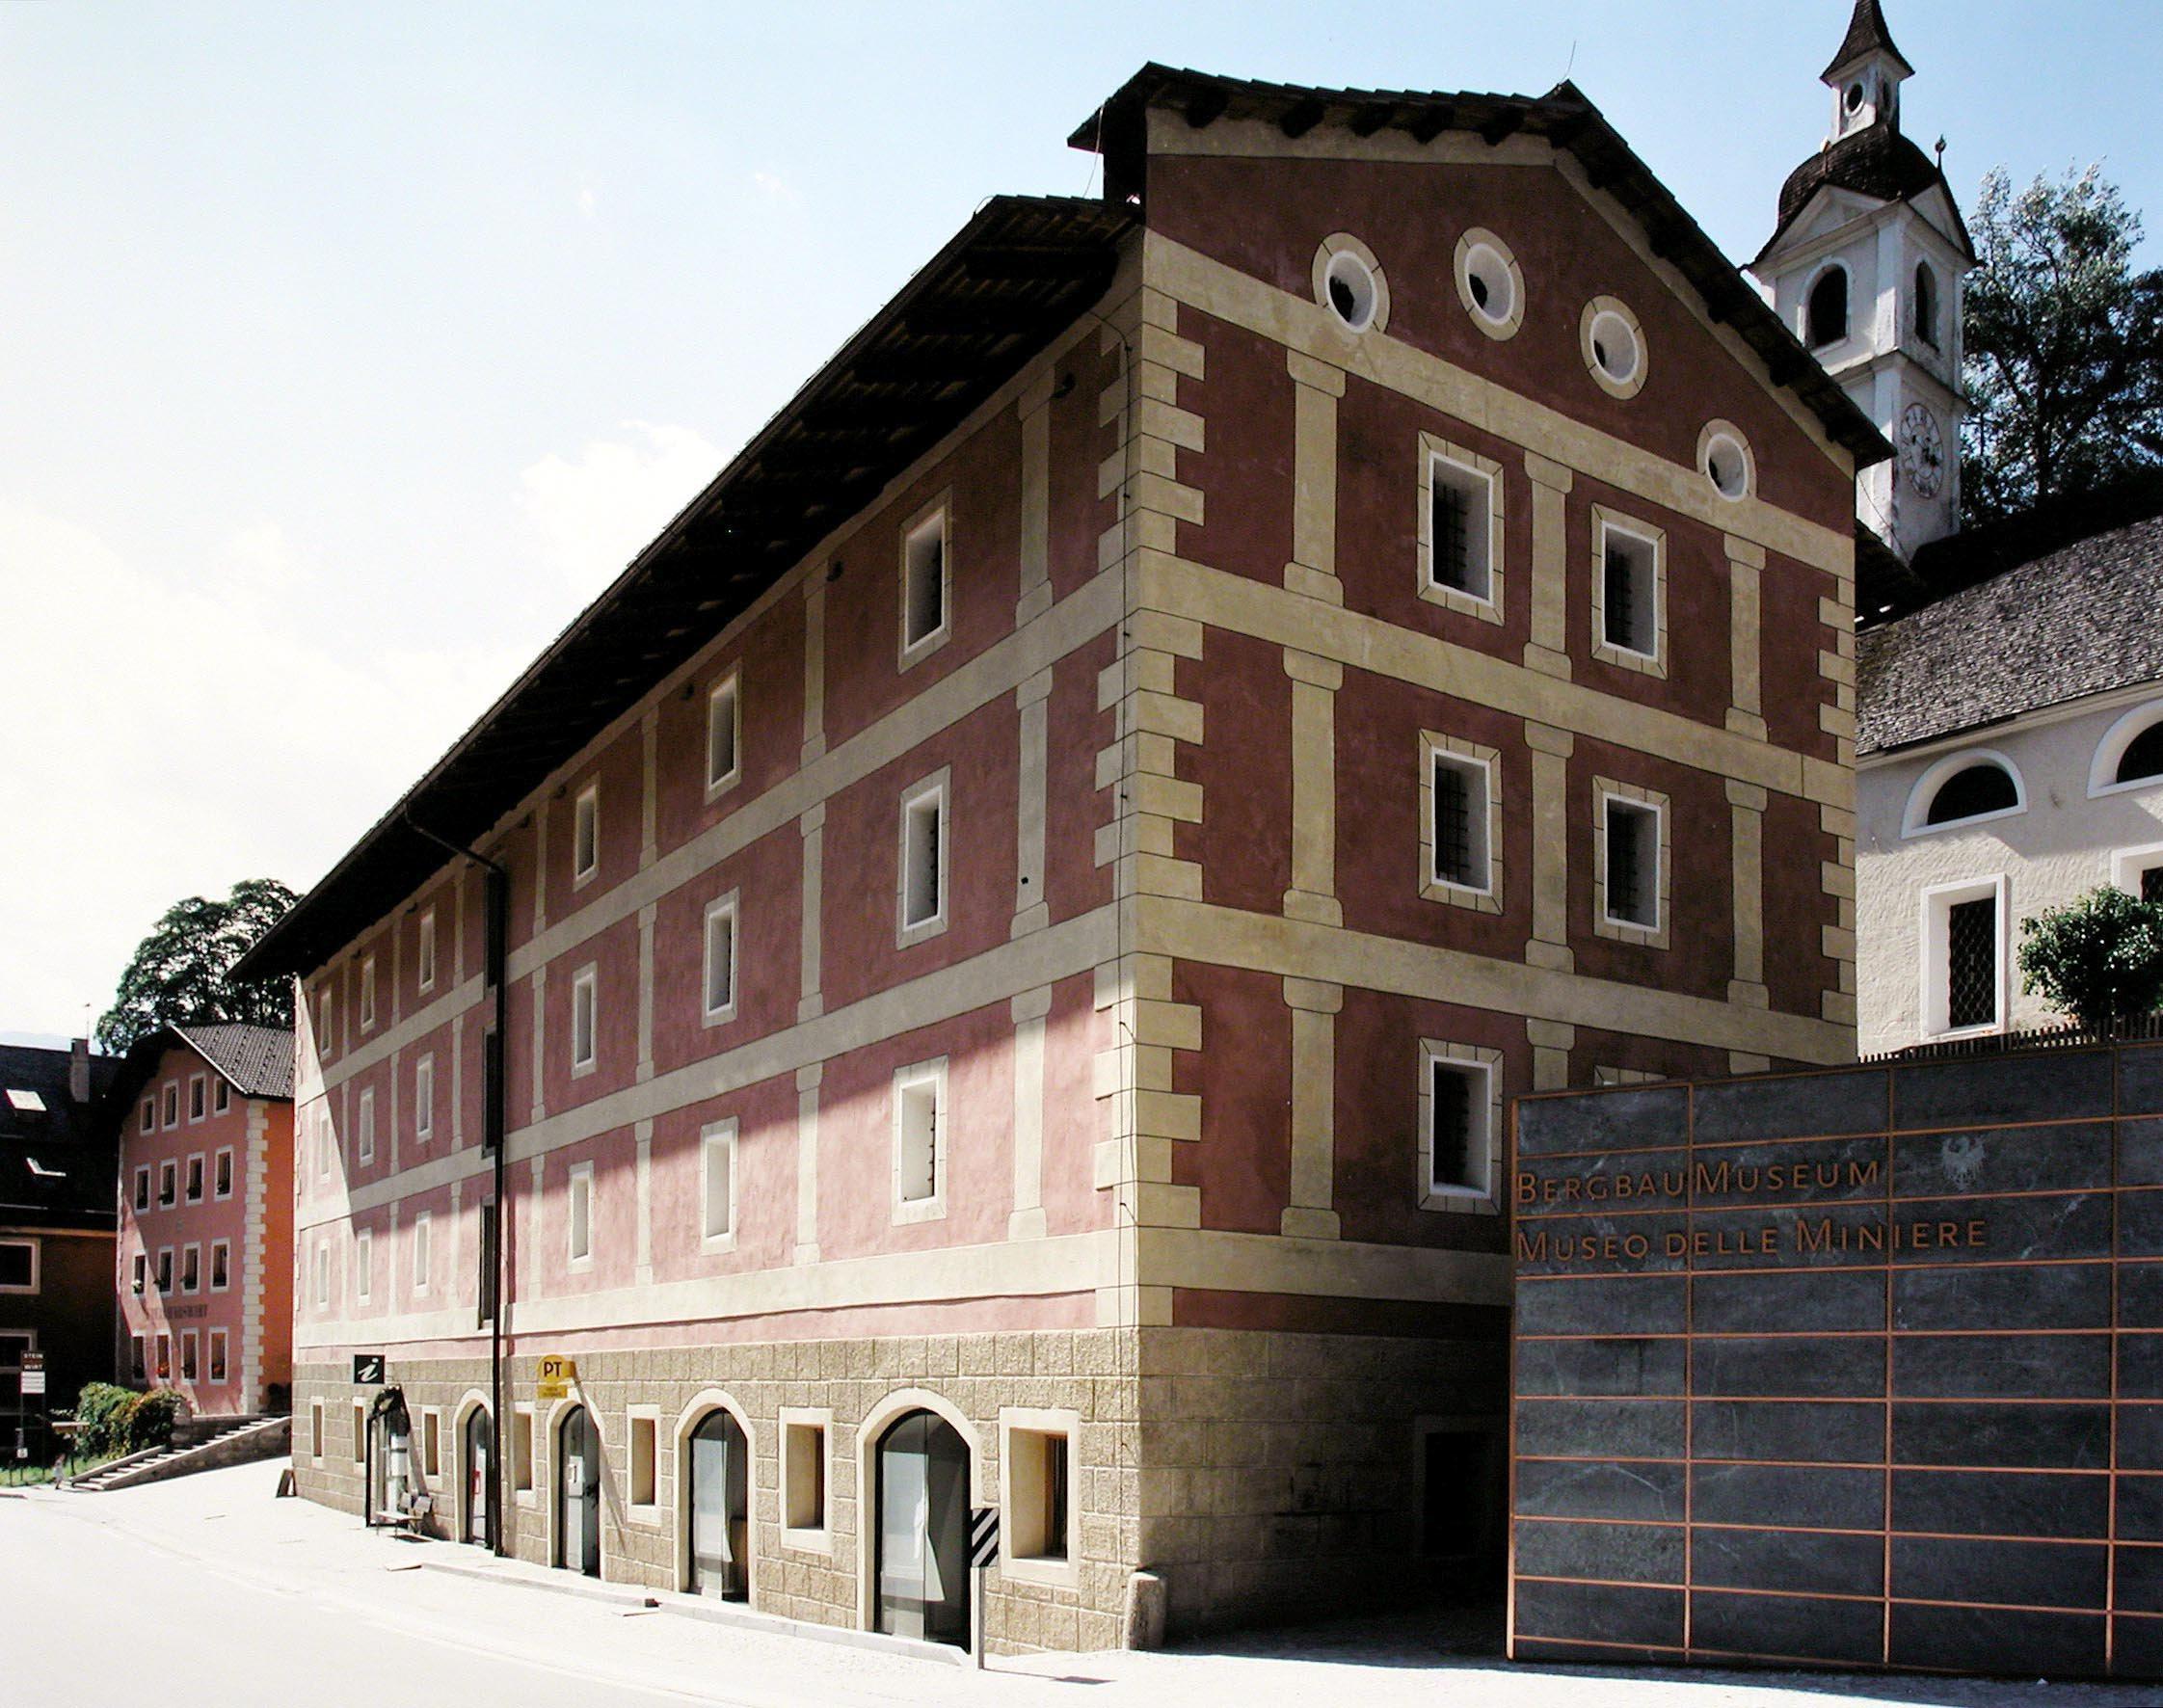 Bergbaumuseum Steinhaus